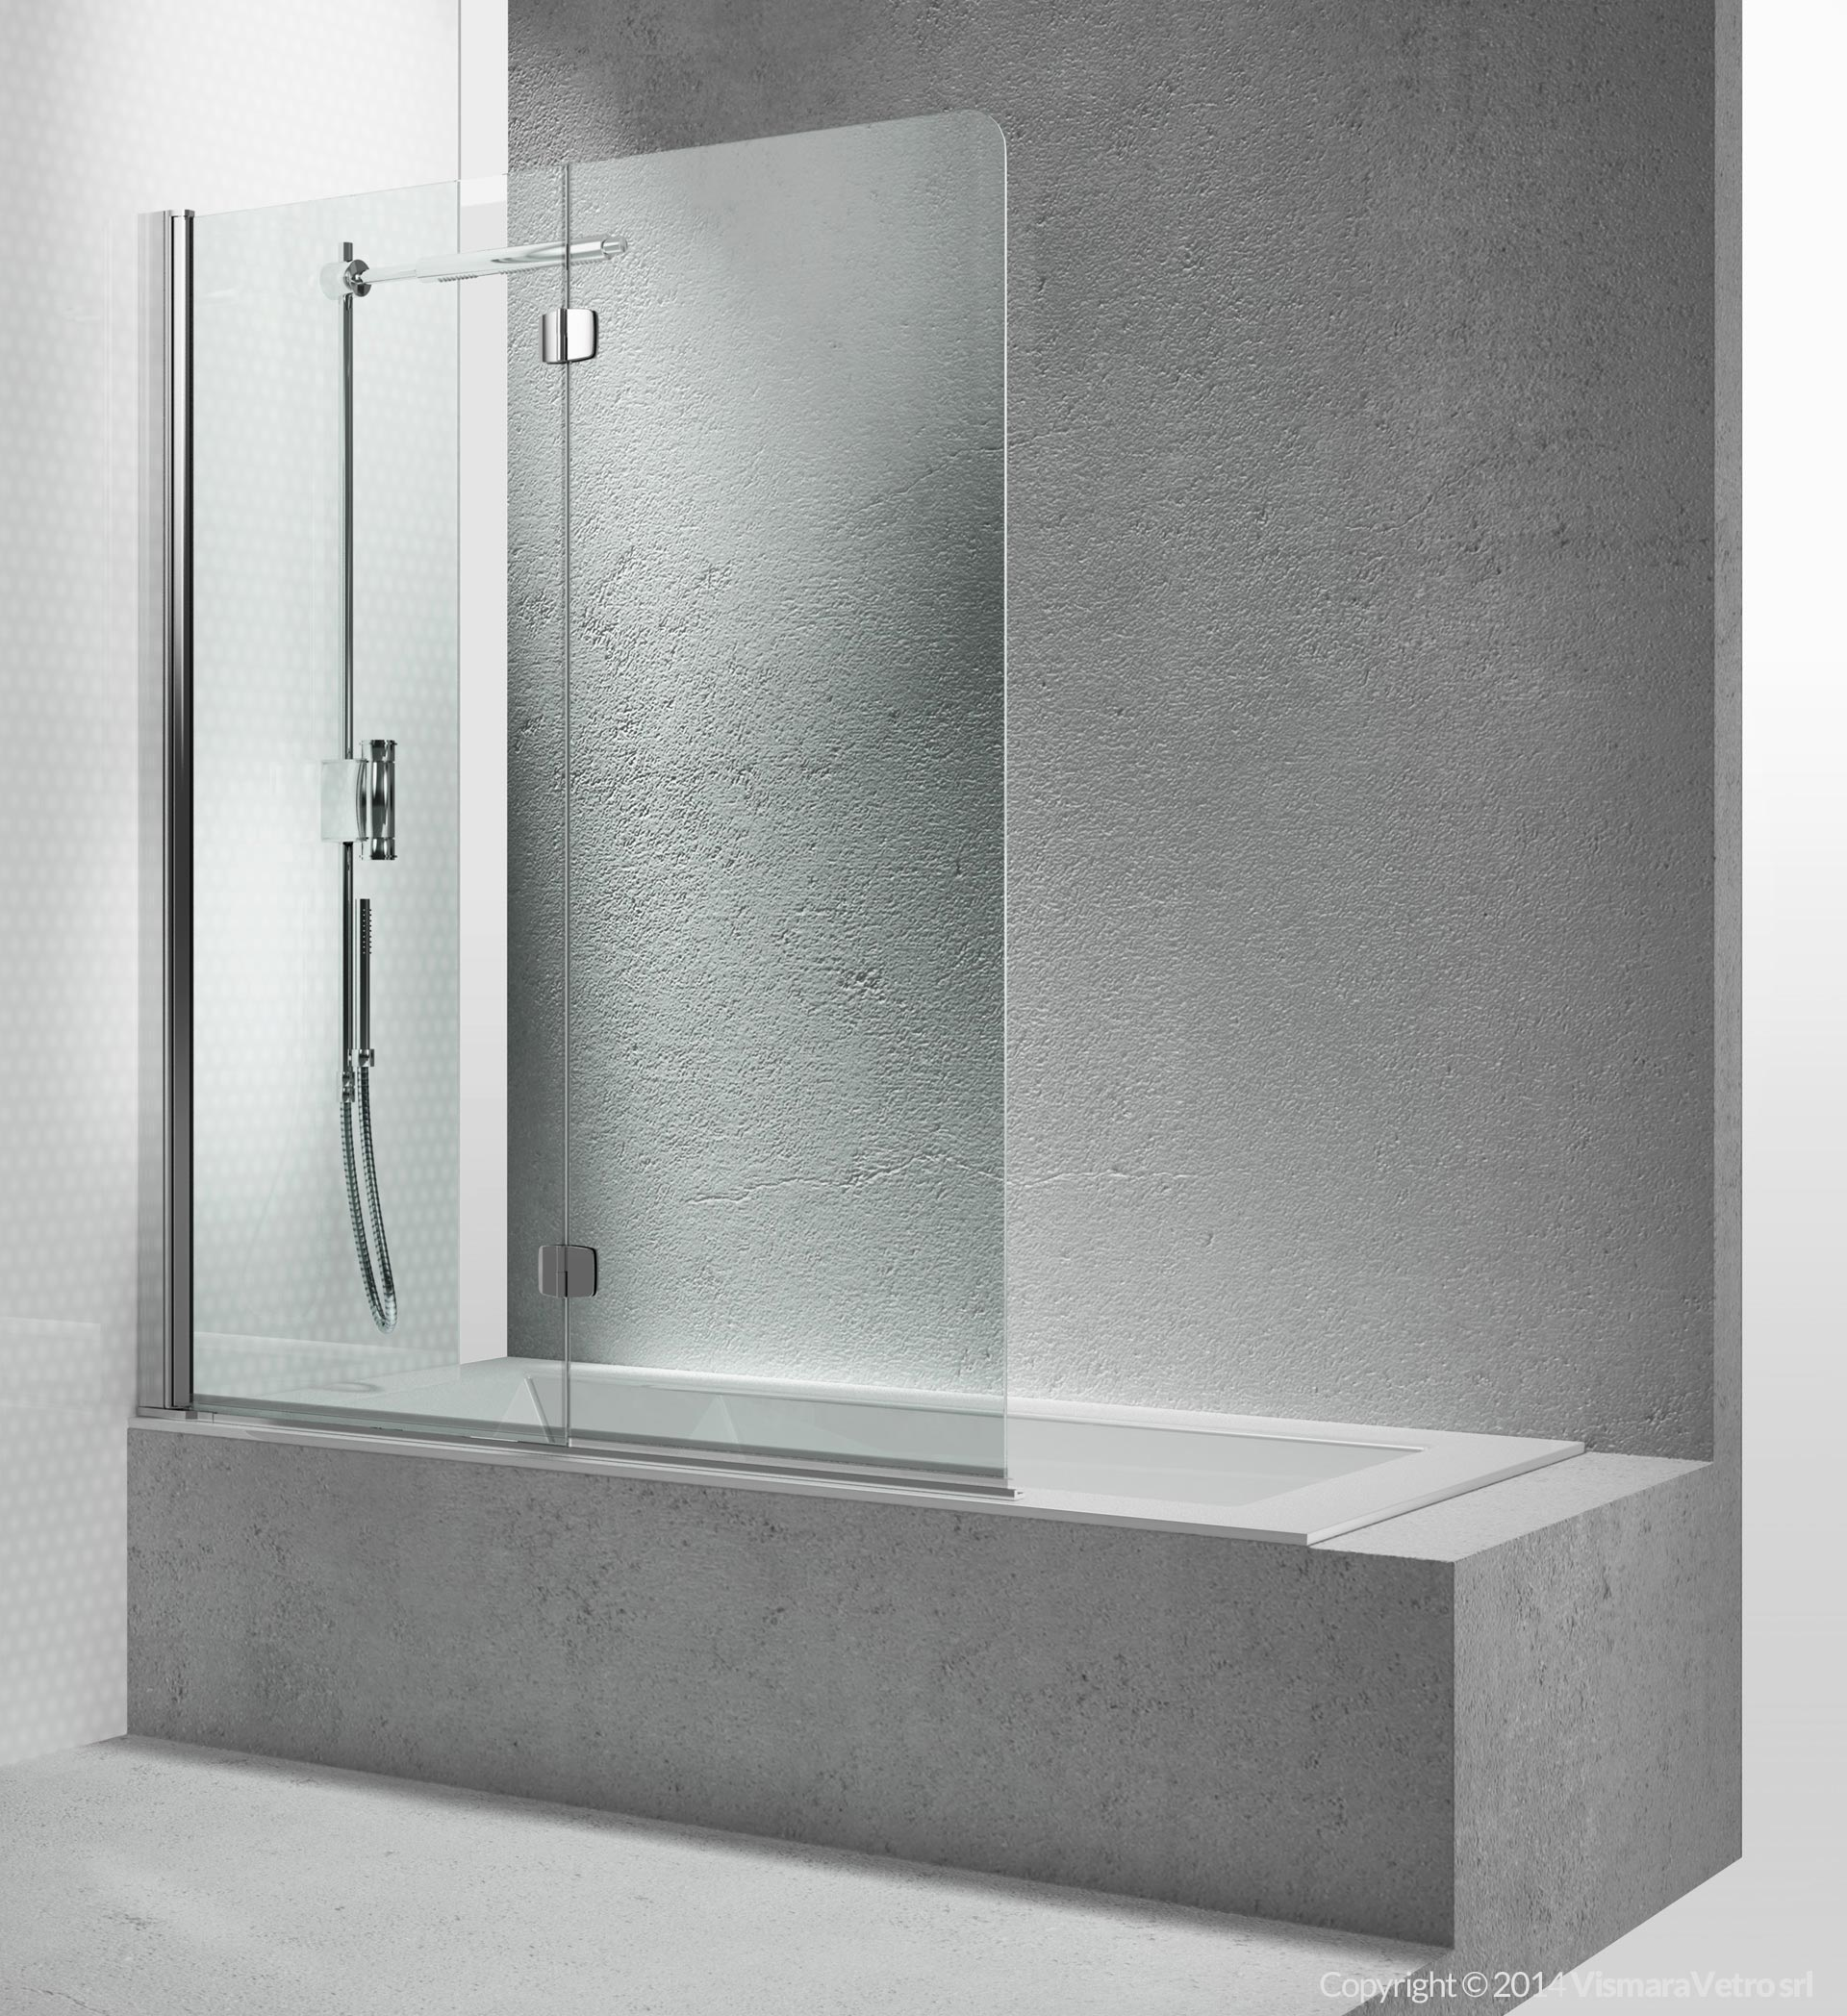 Vasche sv apertura pieghevole - Vasca da bagno in vetro ...